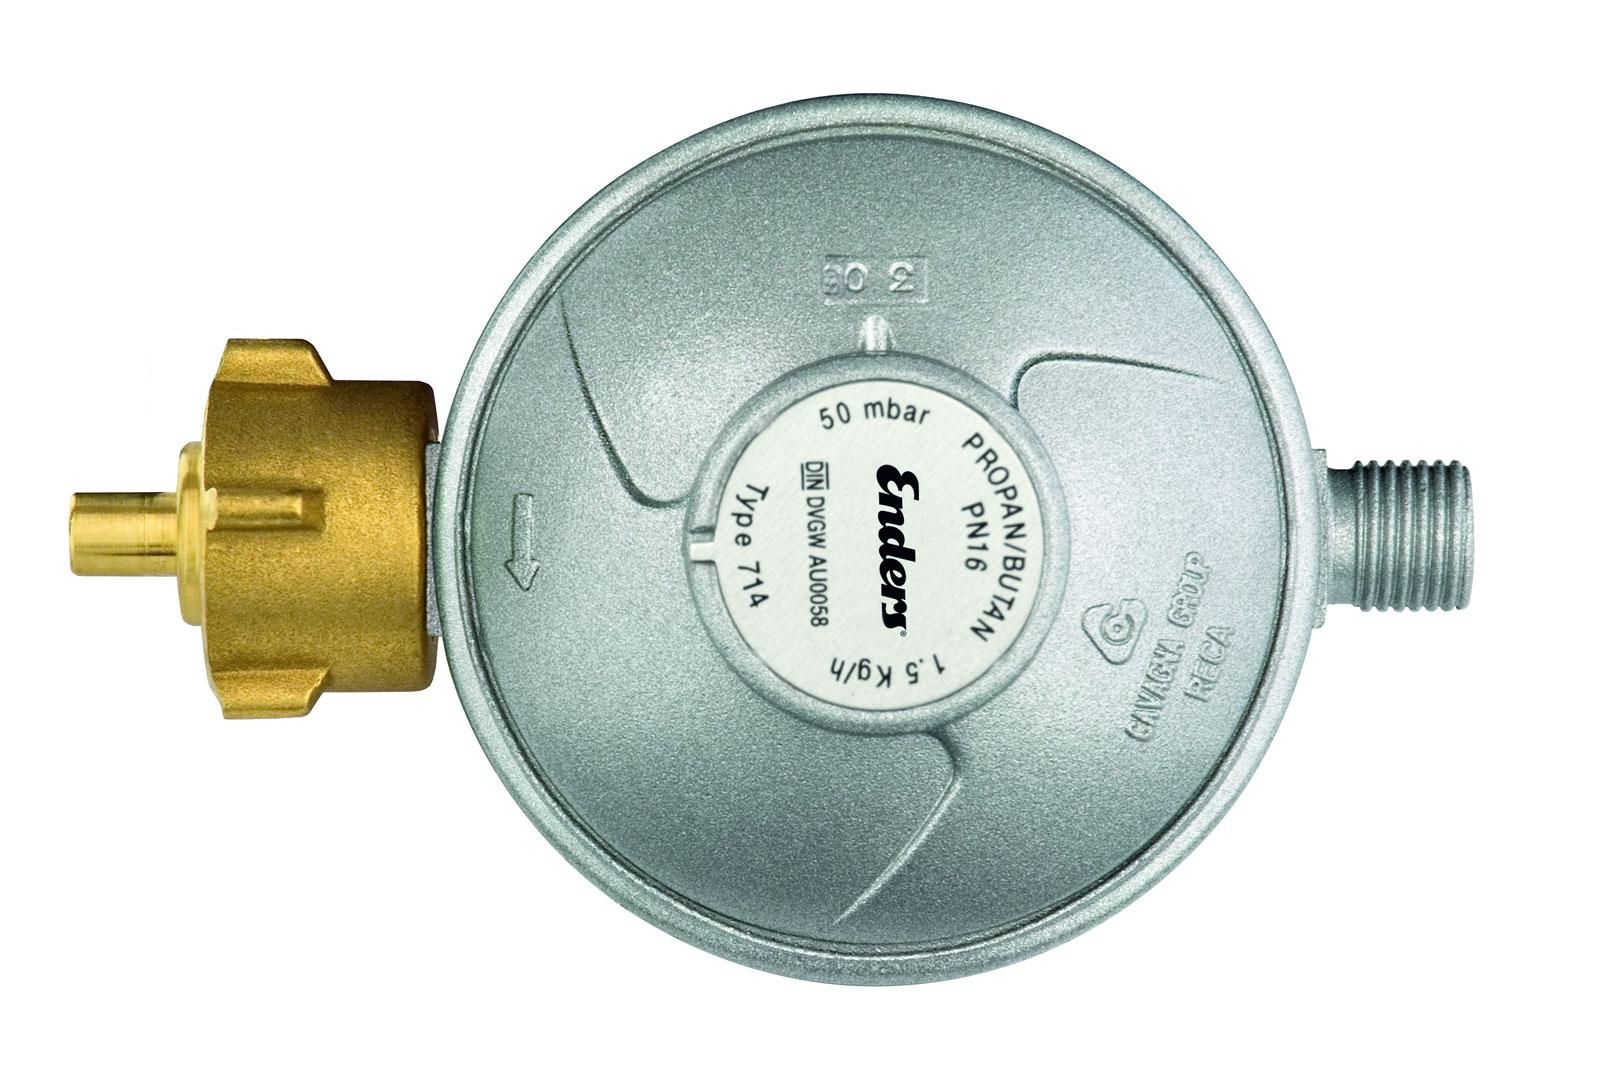 Enders Gasdruckregler 50mbar 1,5 kg/h Bild 1